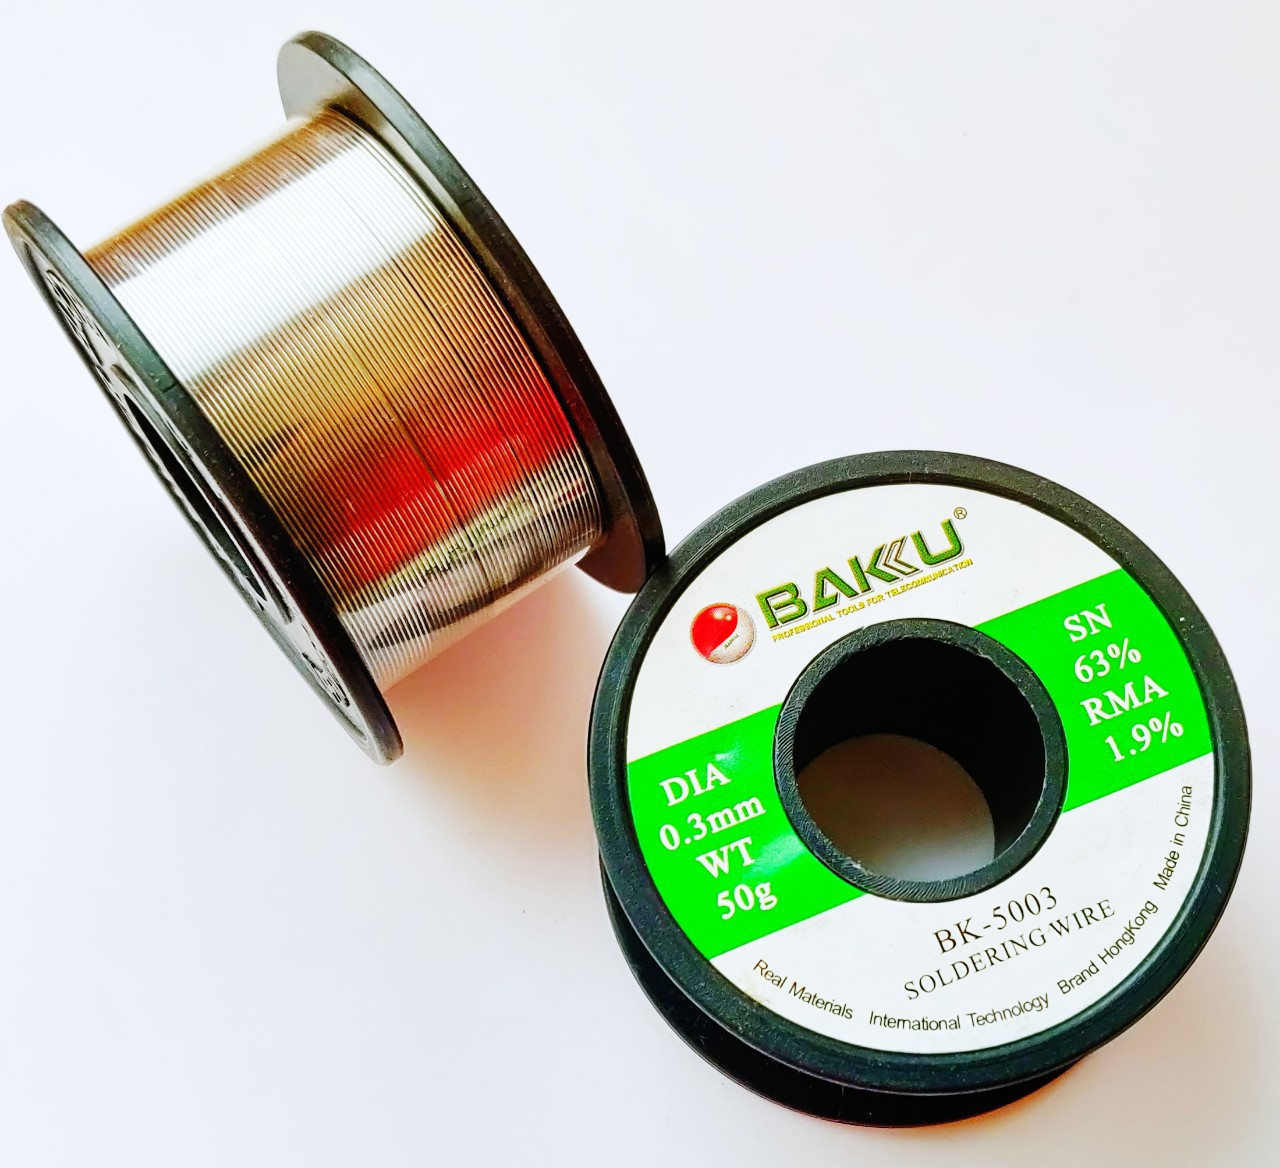 Припой легкоплавкий BAKU BK-5005 диаметр 0,5 мм с флюсом.